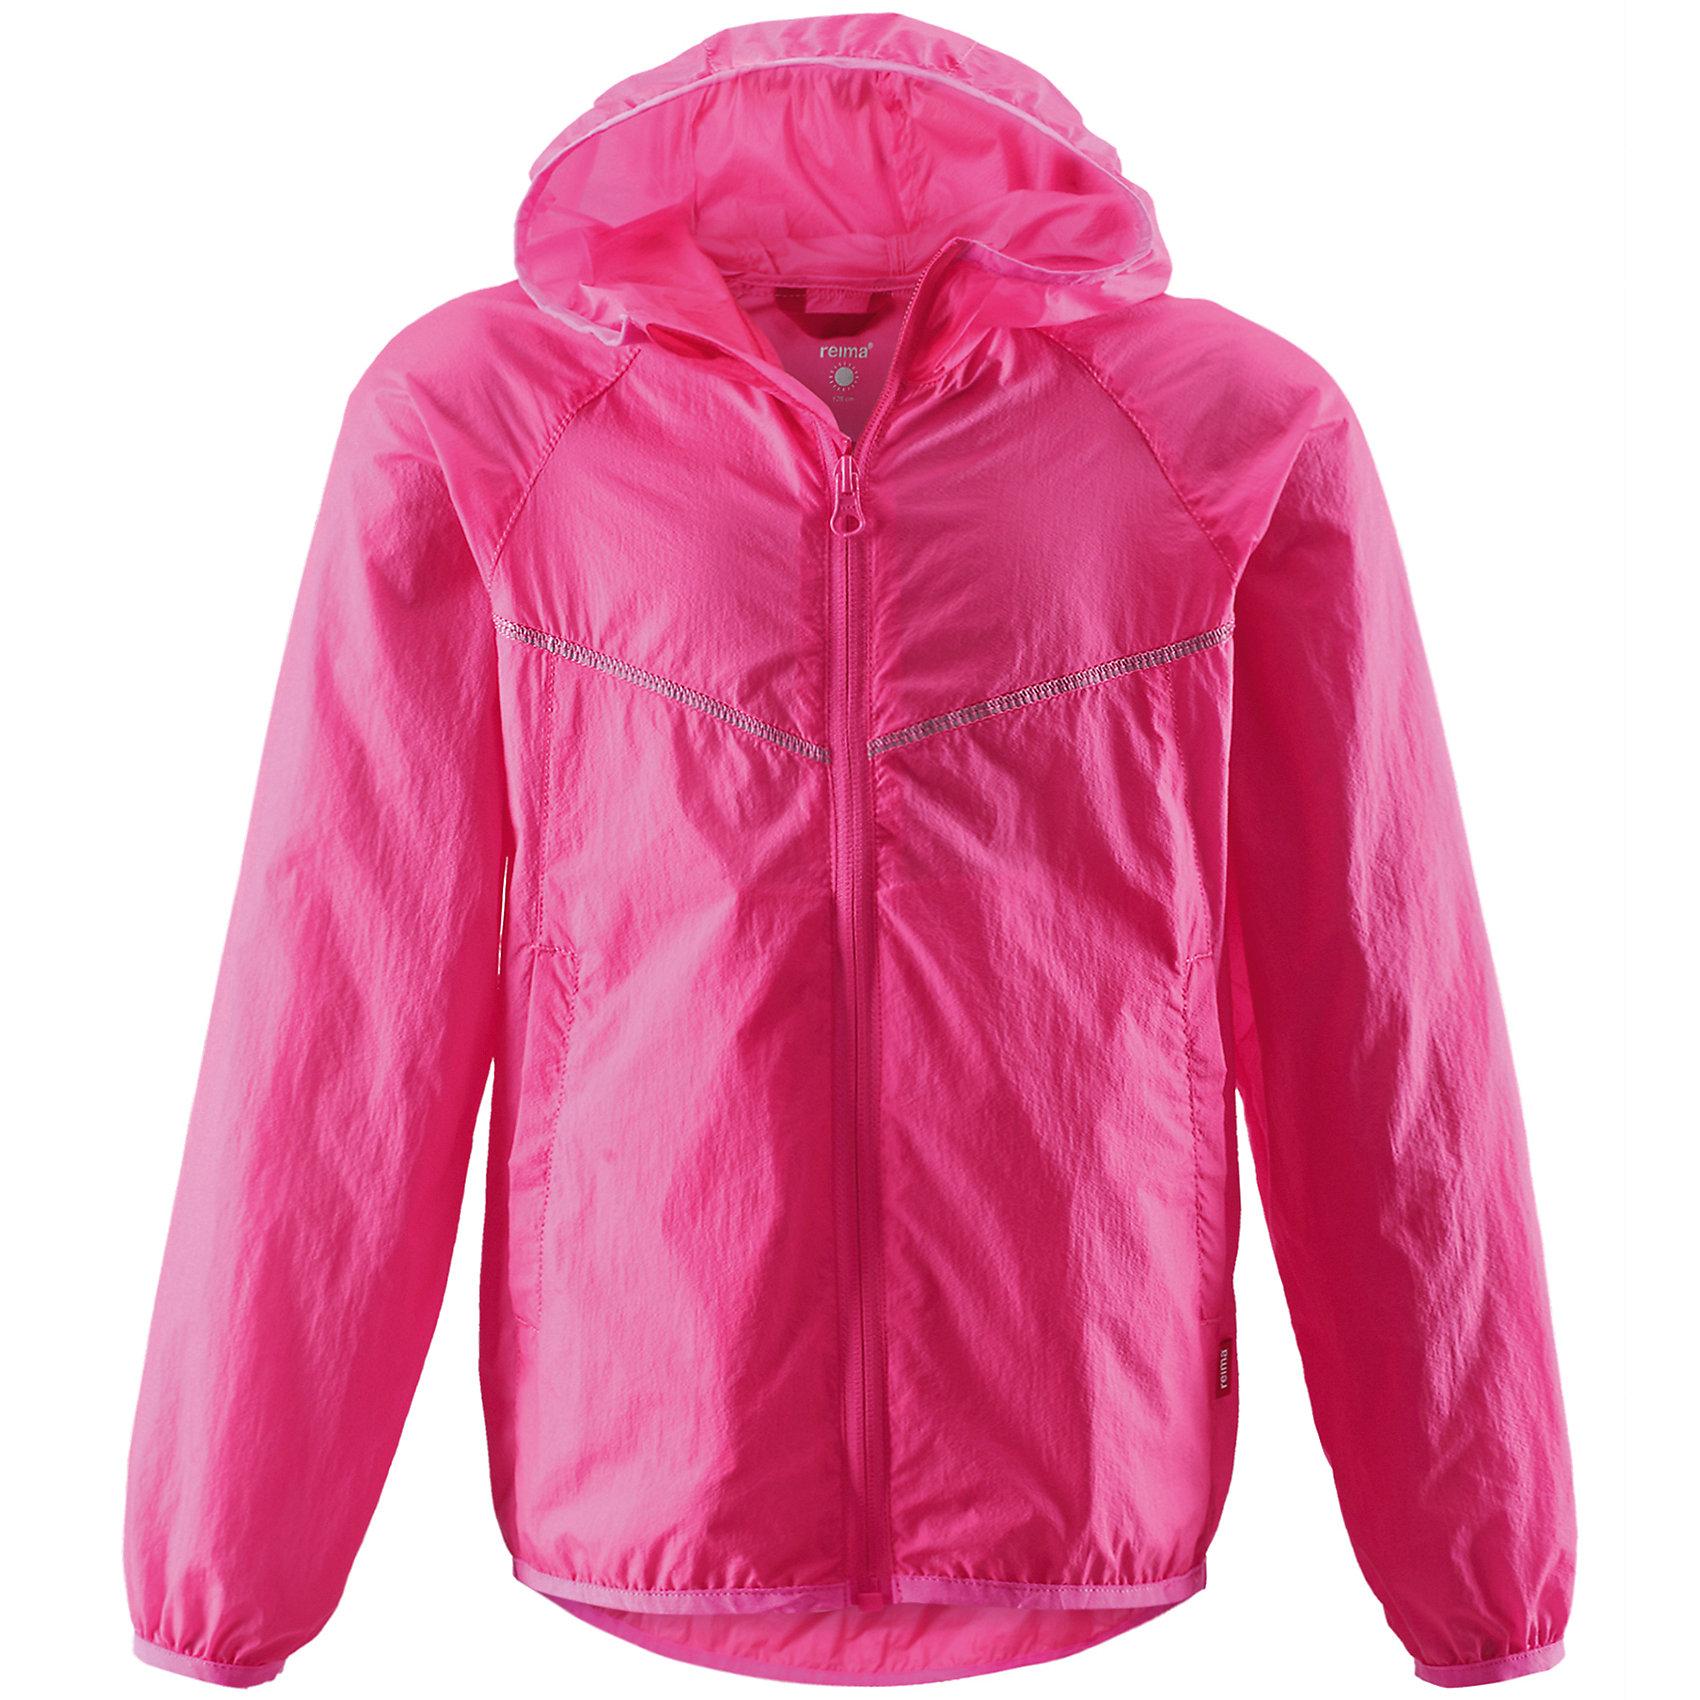 Куртка для девочки ReimaКуртка от финской марки Reima.<br>*Куртка для подростков*Облегченный материал!*Эластичная резинка на кромке капюшона, манжетах и подоле*Возможность сложить куртку в ее собственный карман*Два боковых кармана<br>Состав:<br>100% ПА<br><br>Ширина мм: 356<br>Глубина мм: 10<br>Высота мм: 245<br>Вес г: 519<br>Цвет: розовый<br>Возраст от месяцев: 108<br>Возраст до месяцев: 120<br>Пол: Женский<br>Возраст: Детский<br>Размер: 140,110,128,104,116,122,134<br>SKU: 4631541